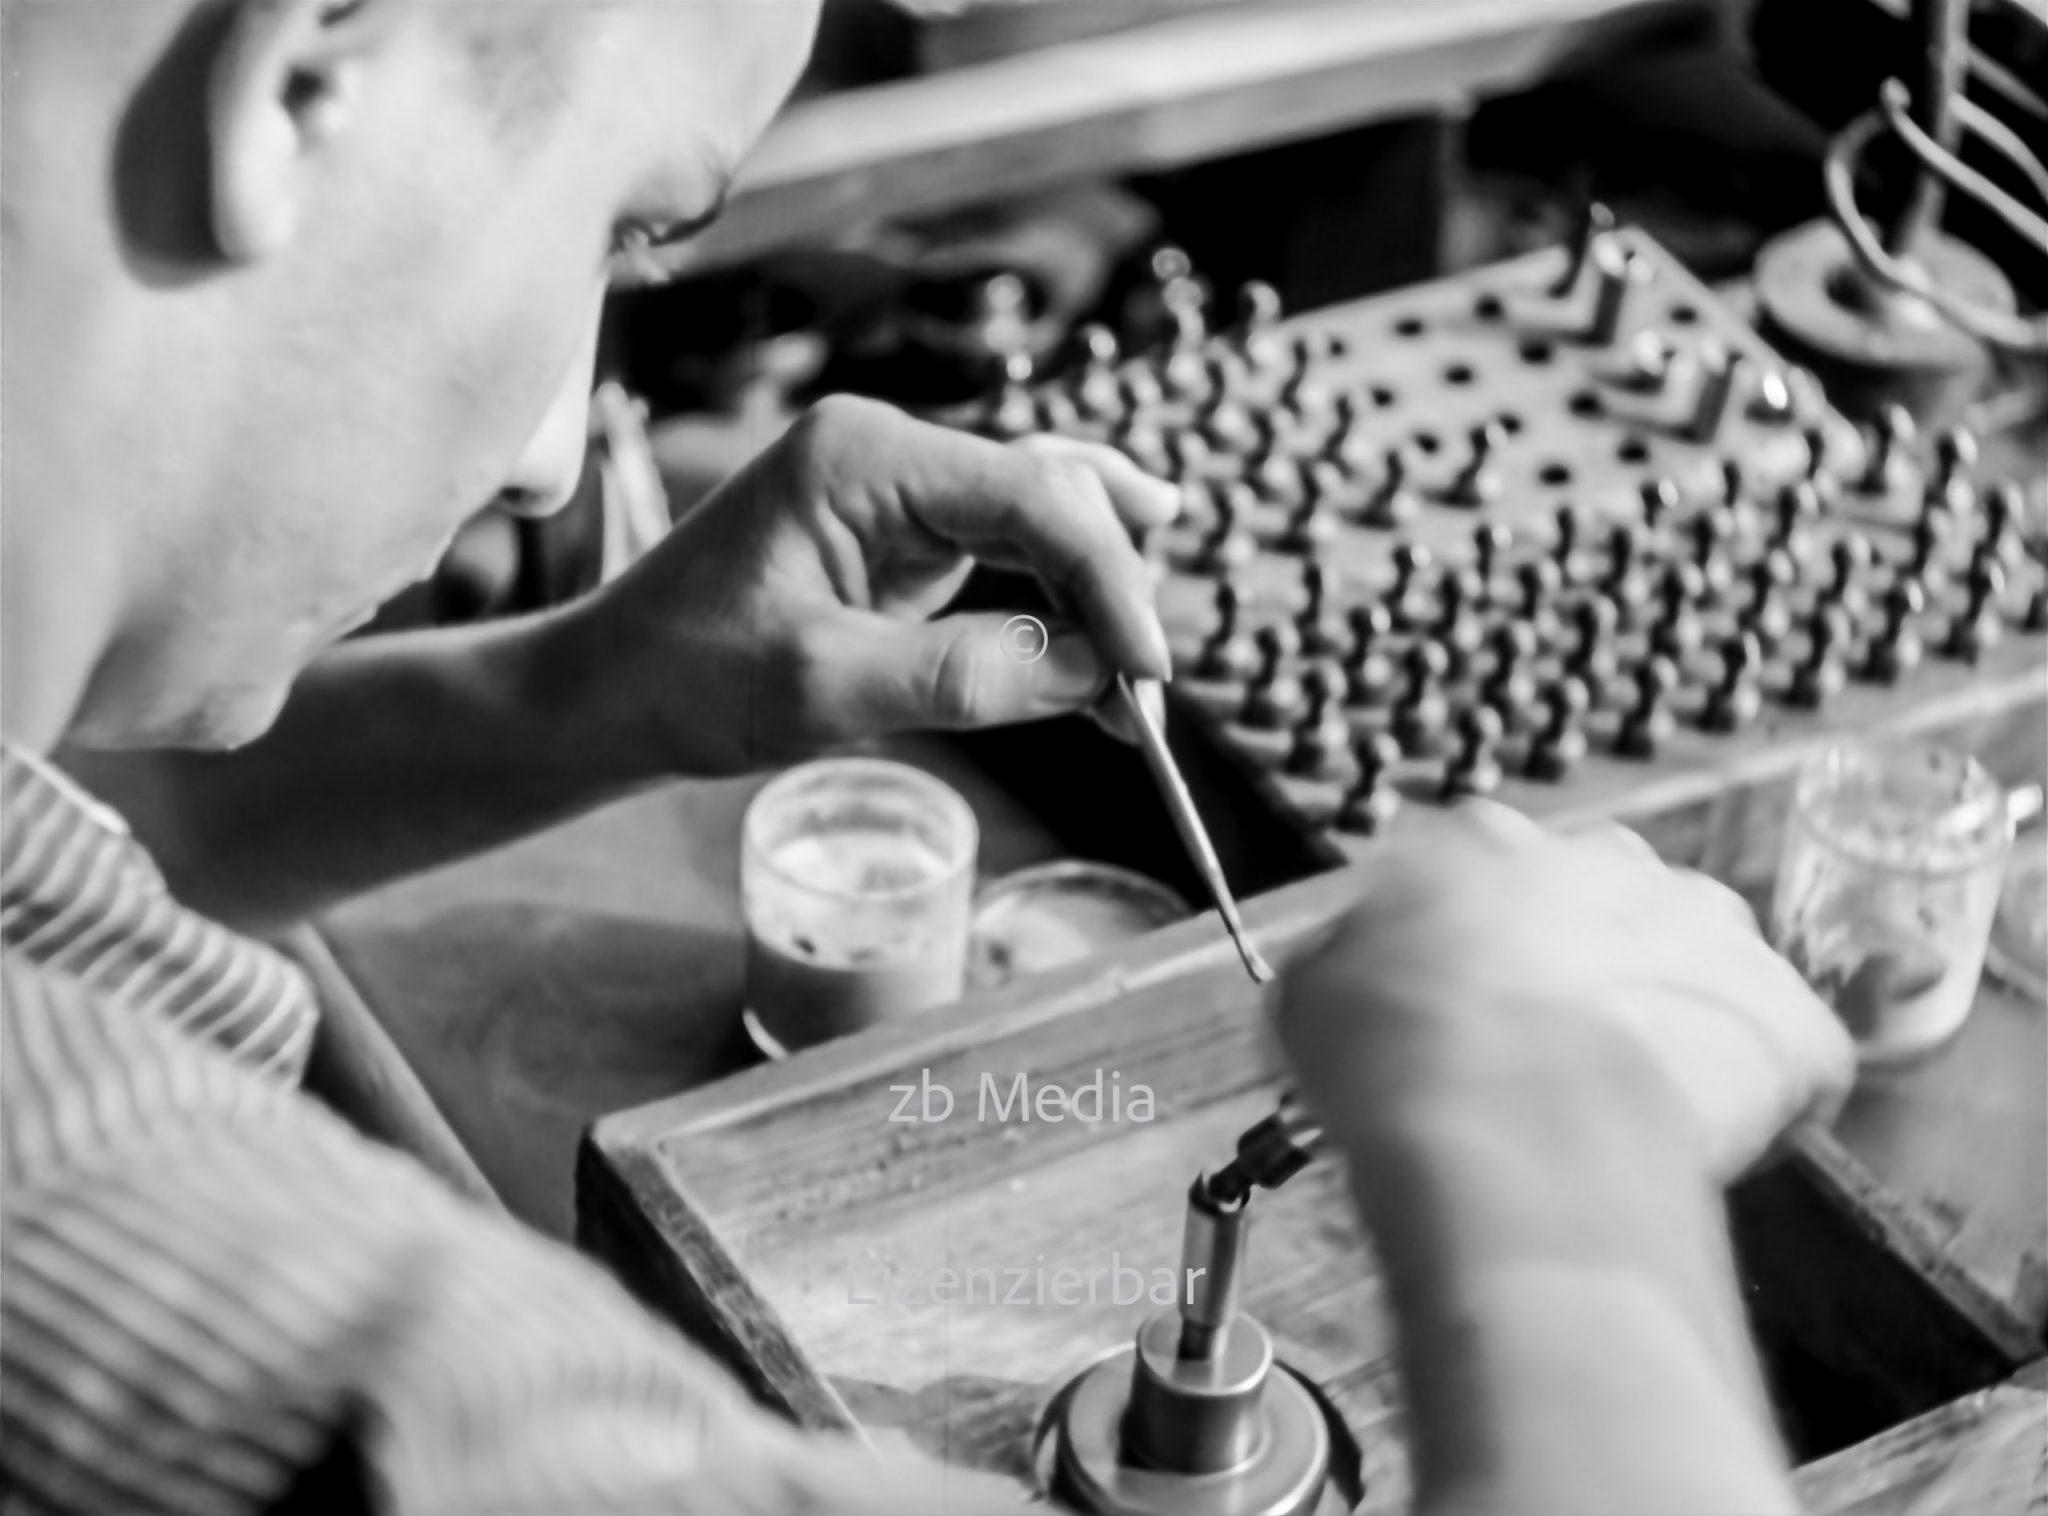 Leica-Kamerafabrik in Wetzlar 1937